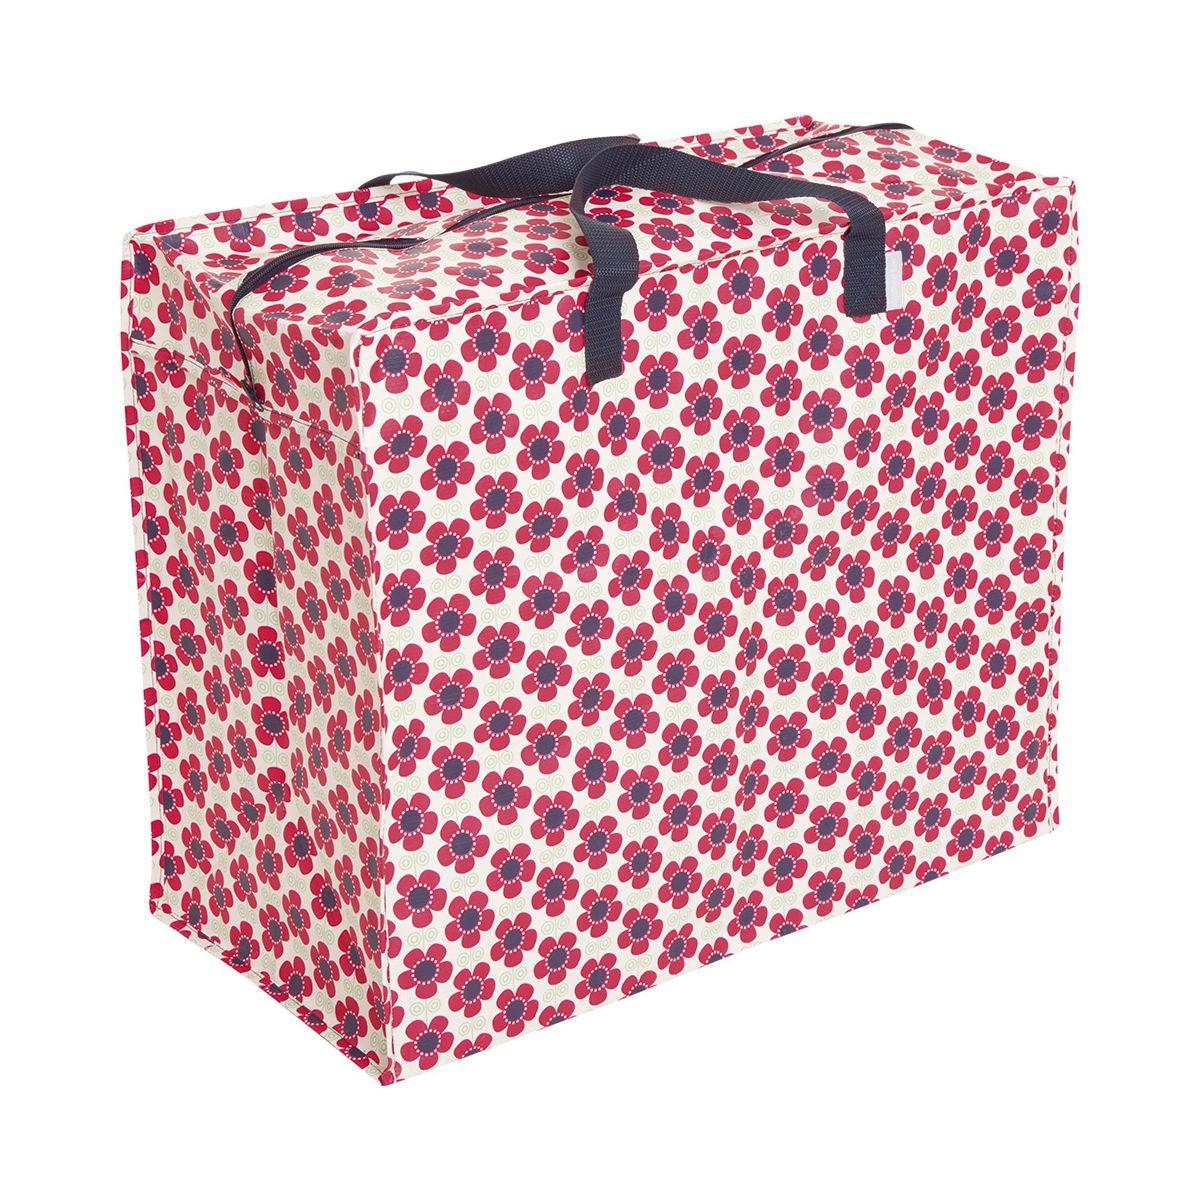 a27a57437 Bolsa para Guardar Ropa y Juguetes Diseño Poppy